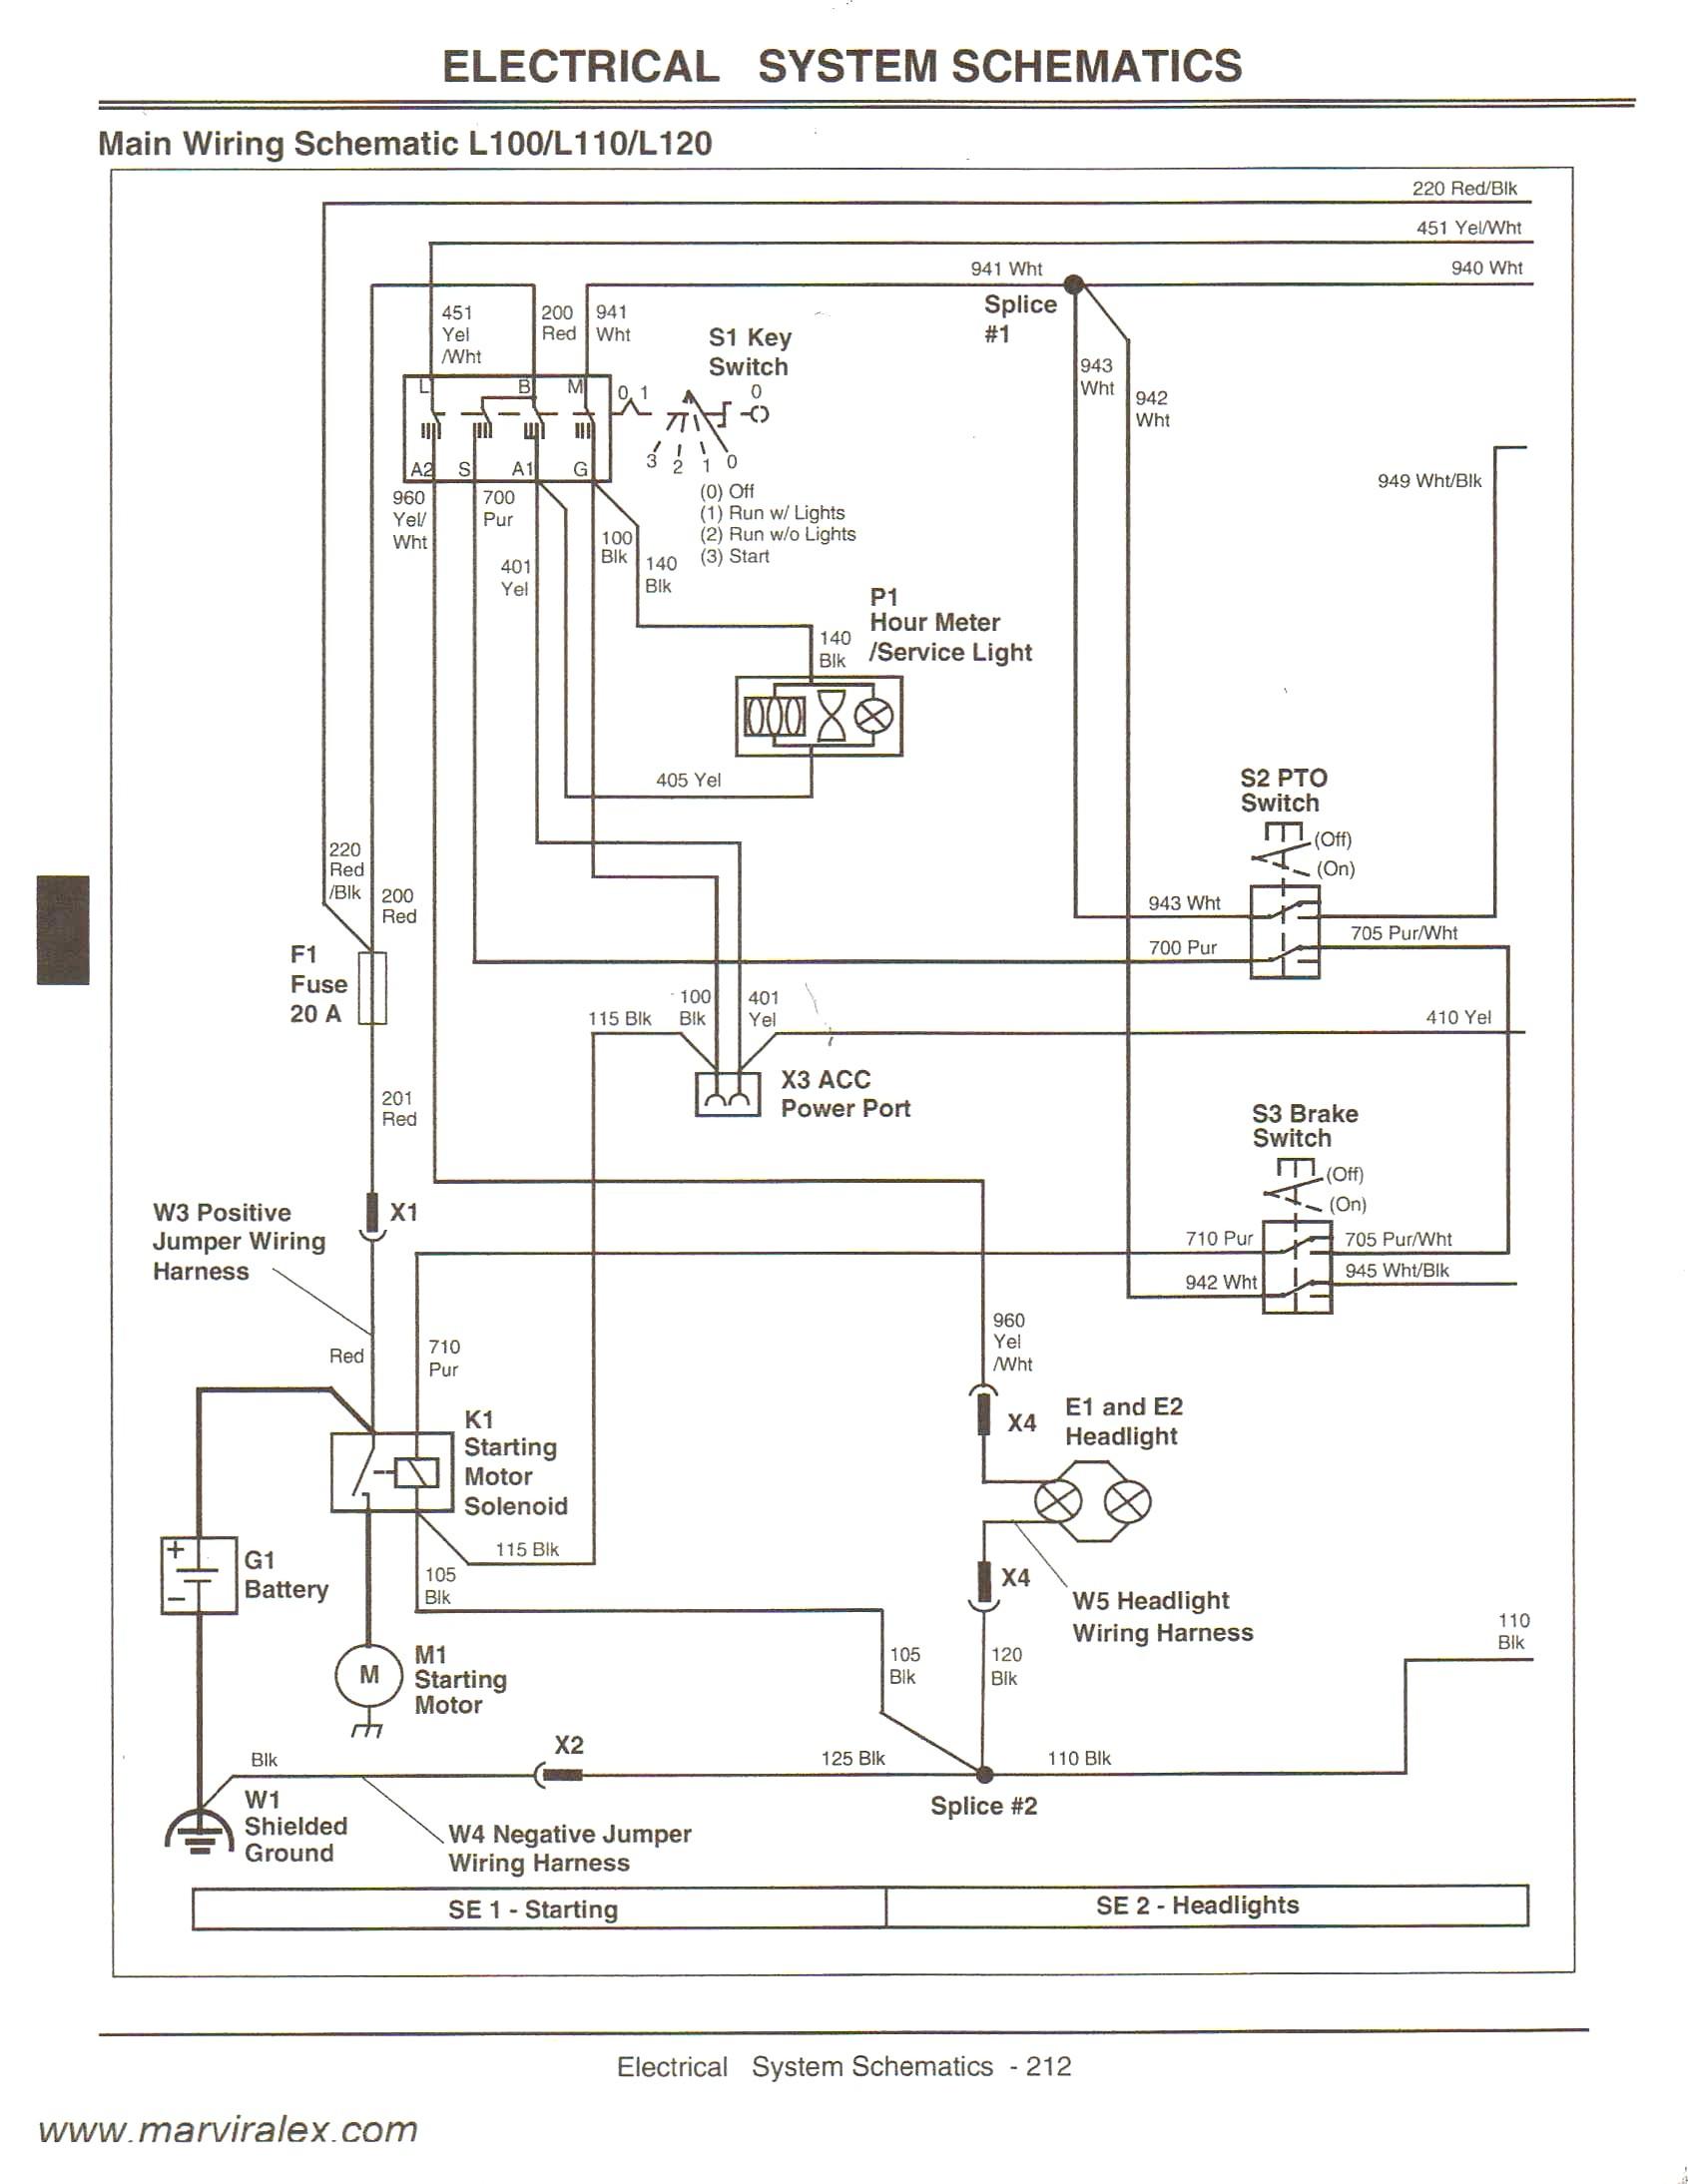 Farmall A Wiring Diagram Diagram Need Wiringiagram formall H Chevrolet Car Hydro Cub Of Farmall A Wiring Diagram